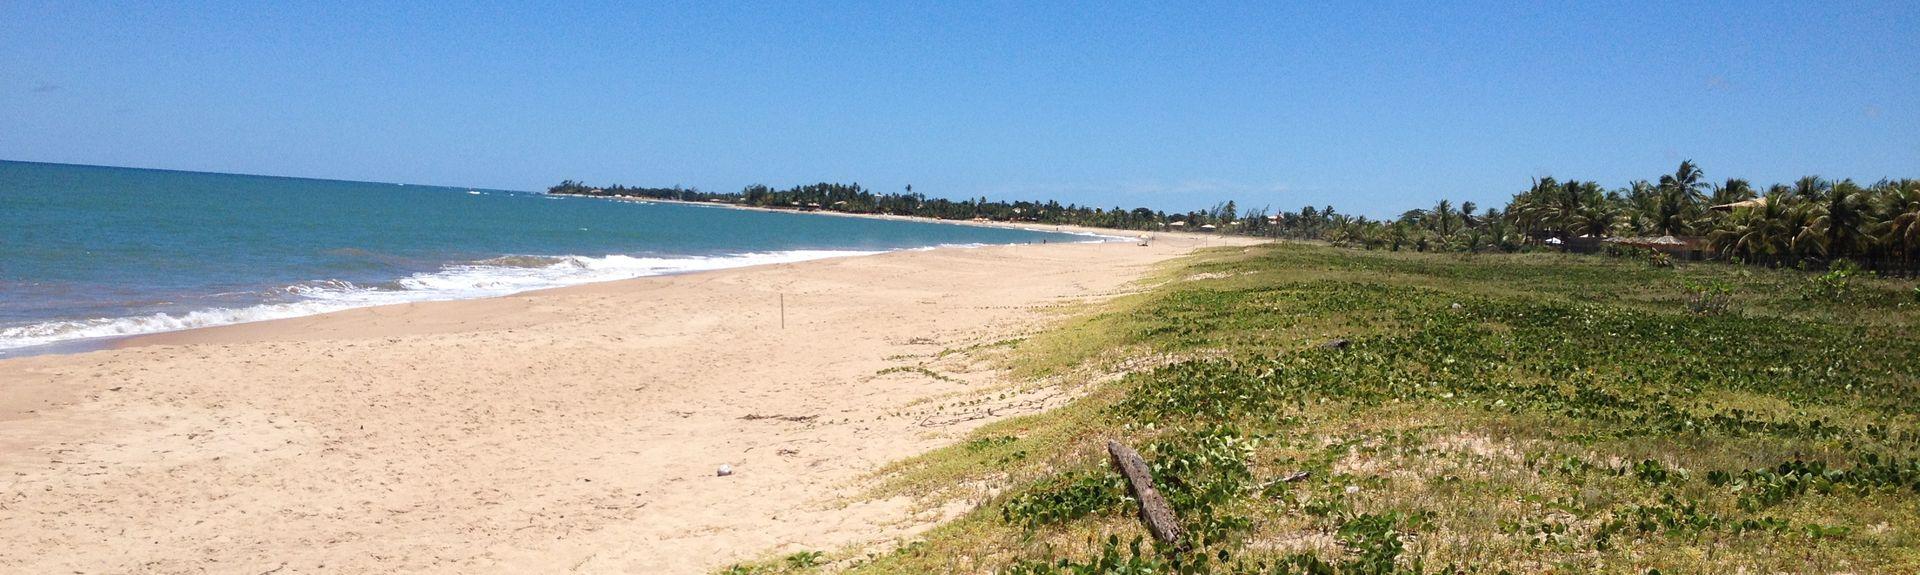 Bahia, Brasilien